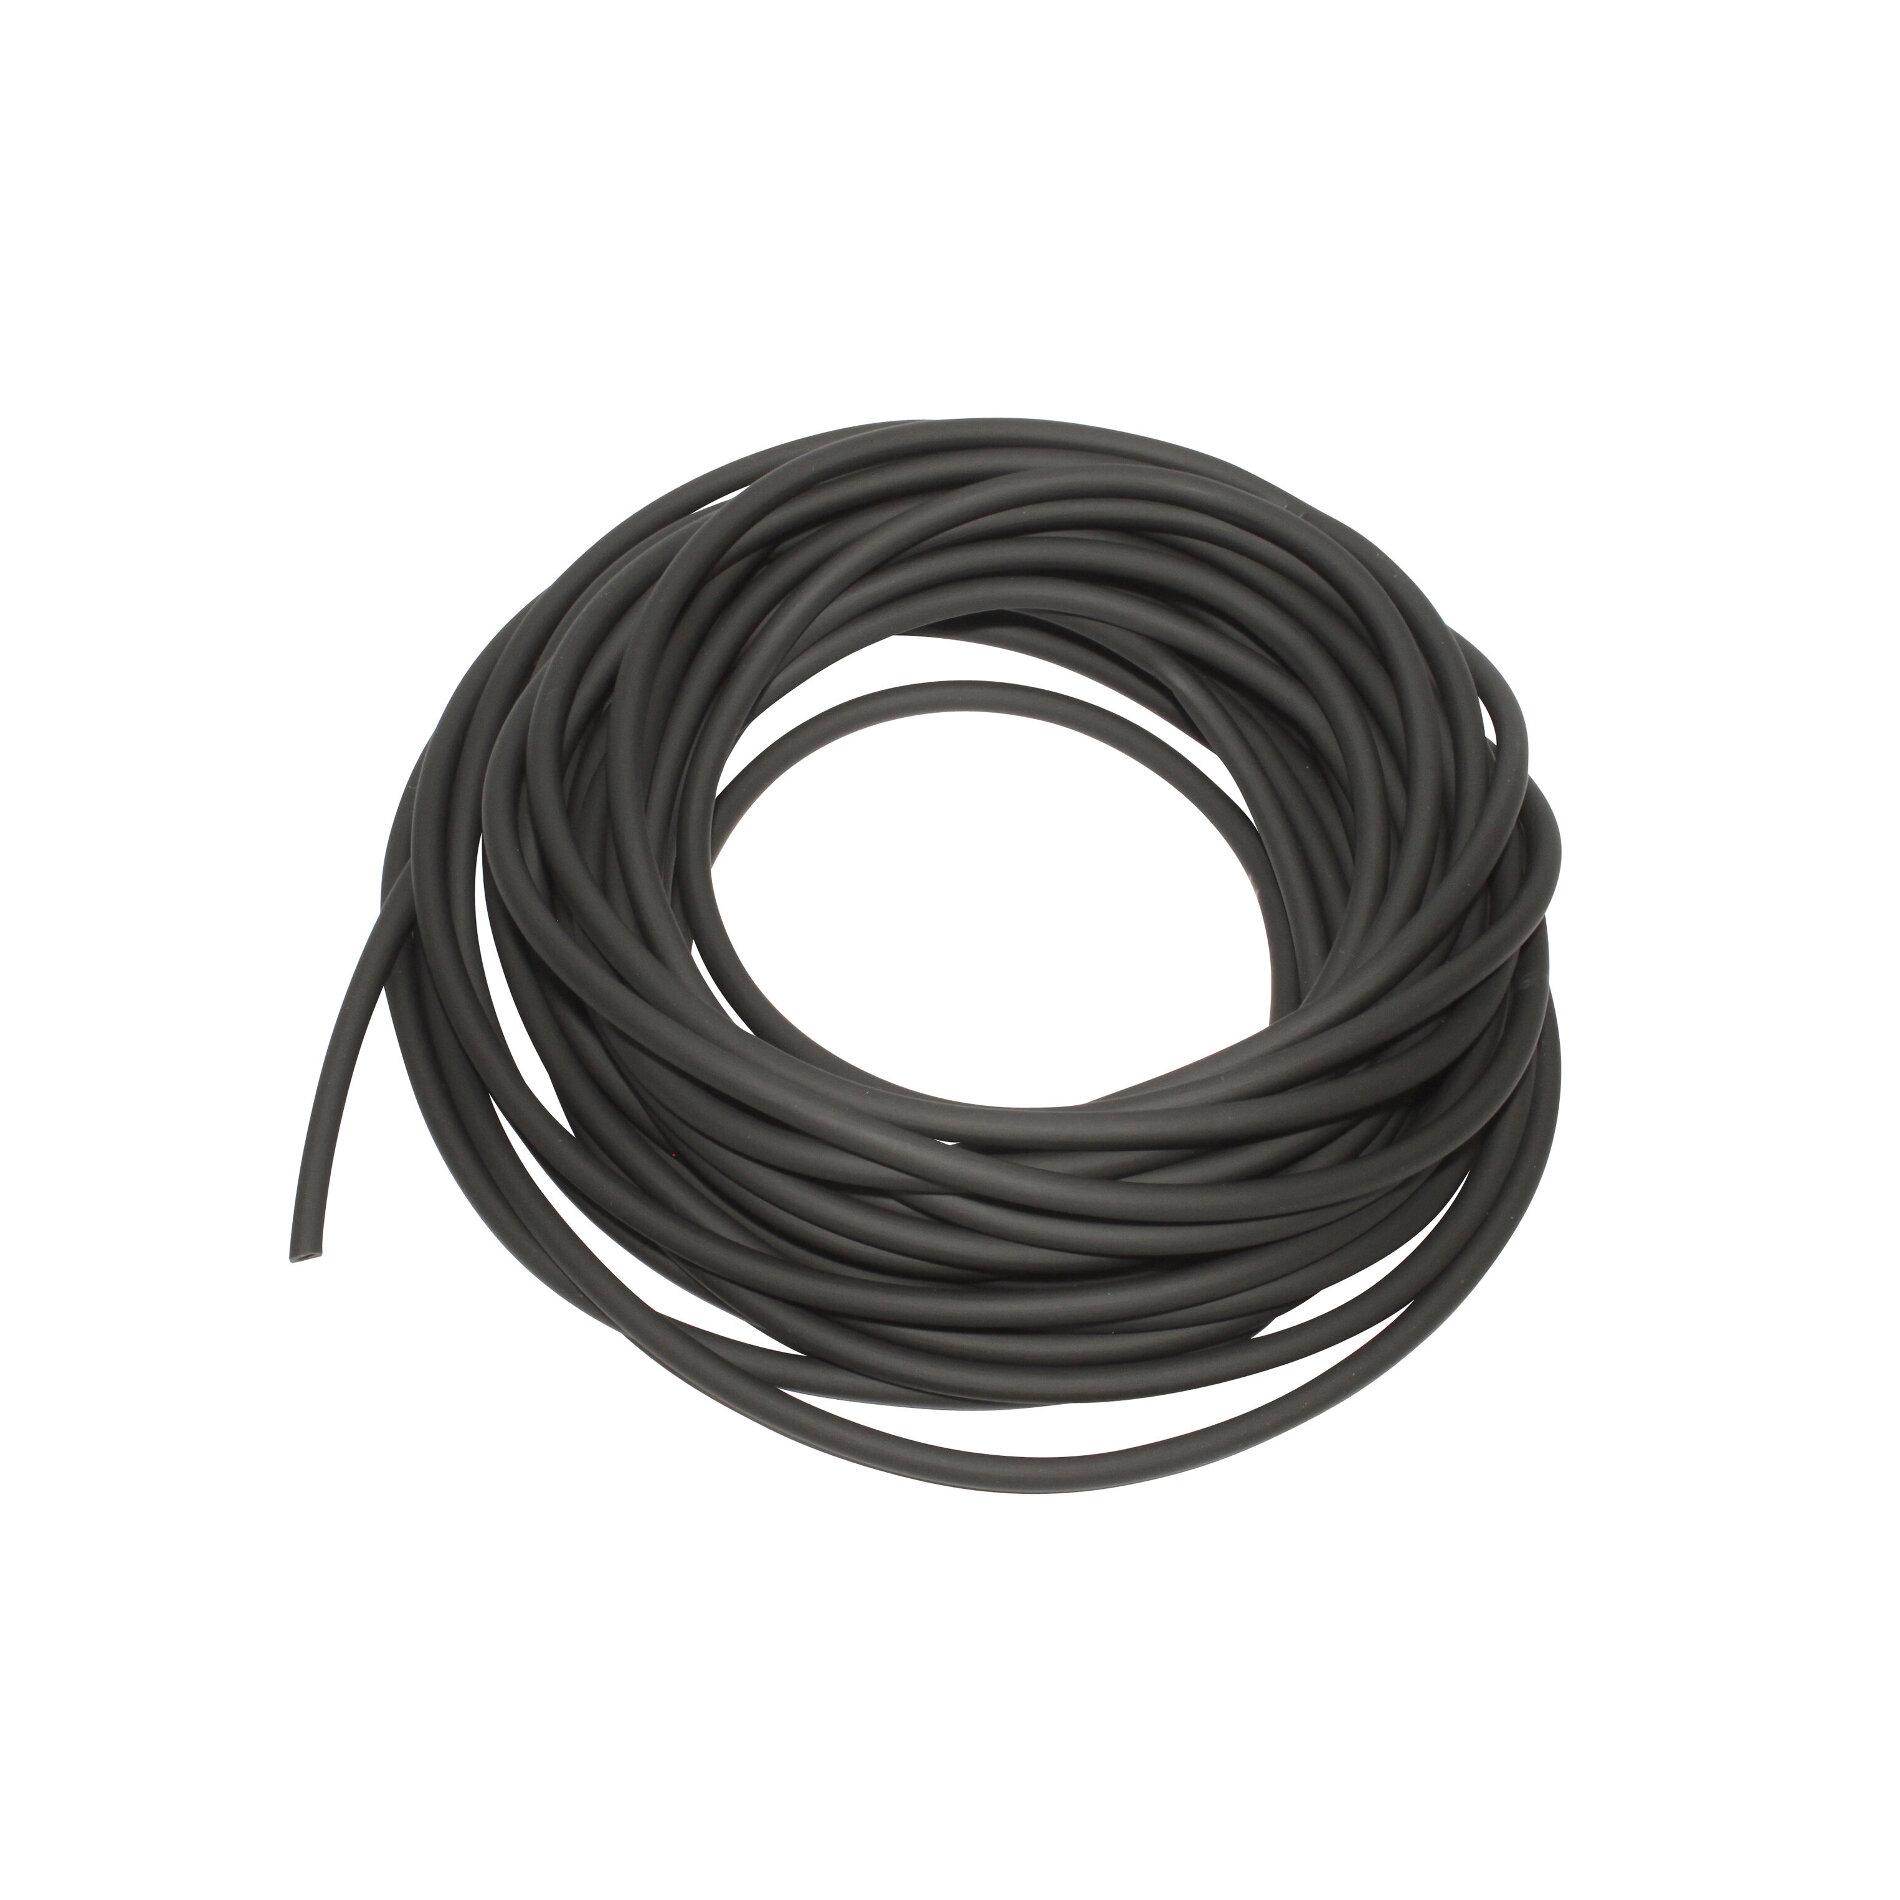 Durite essence PVC souple 3x5 noir 10m